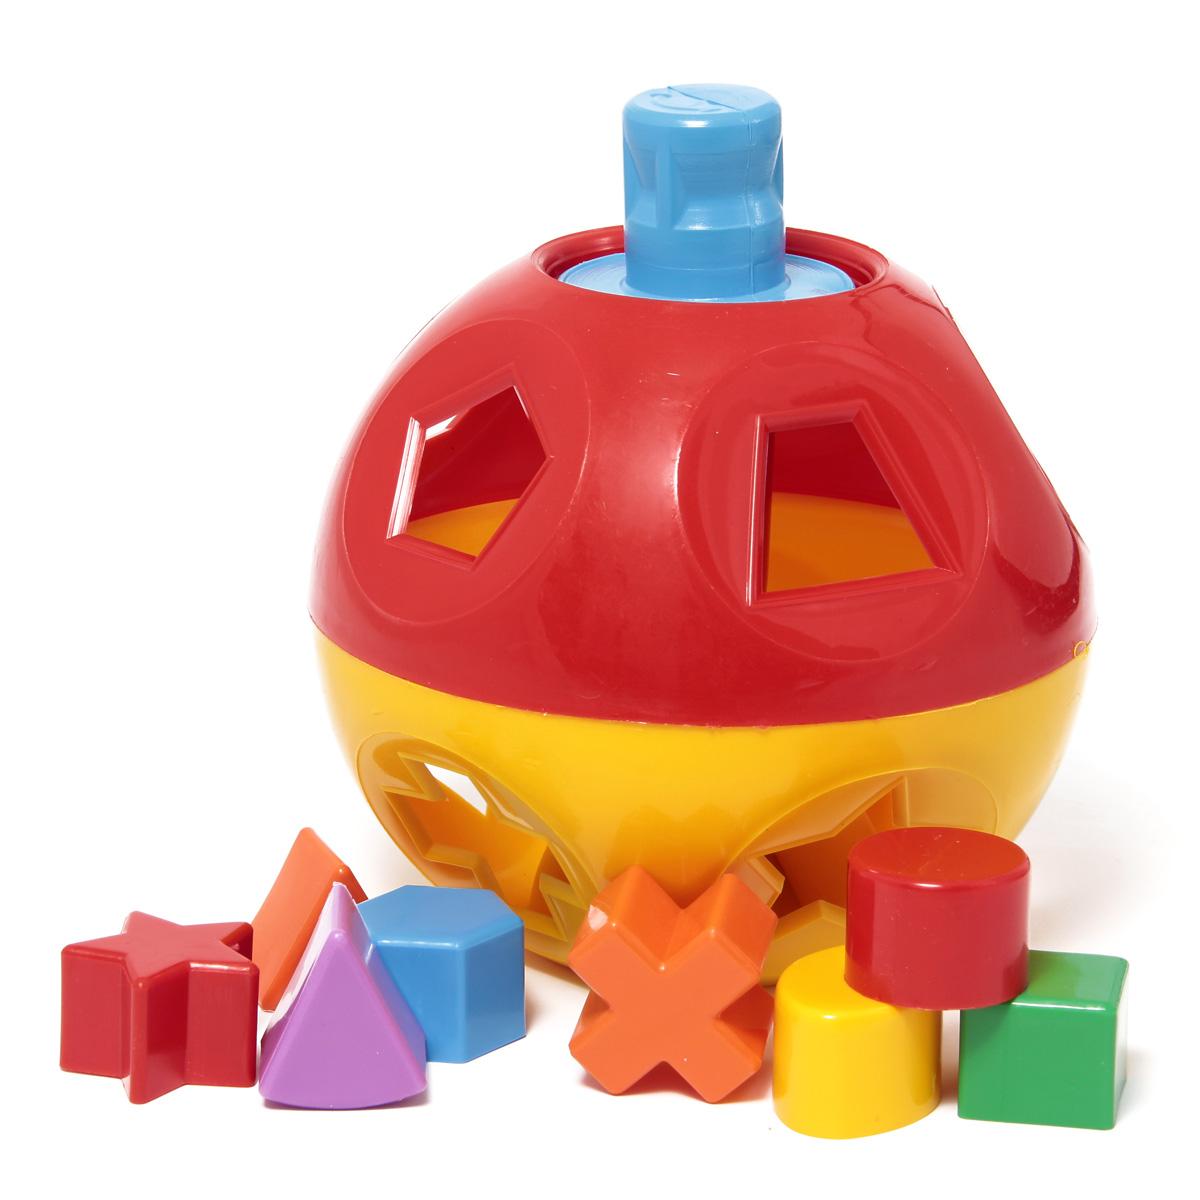 Развивающая игрушка Логический шар Nina/24П-0308Игрушка-головоломка для малышей с фигурами-вкладышами. Развивает цветовосприятие, мелкую моторику рук, логическое мышление и пространственное воображение, знакомит с геометрическими фигурами. Задача ребенка - протолкнуть сквозь отверстия соответствующей формы геометрические фигуры так, чтобы они оказались внутри игрушки.